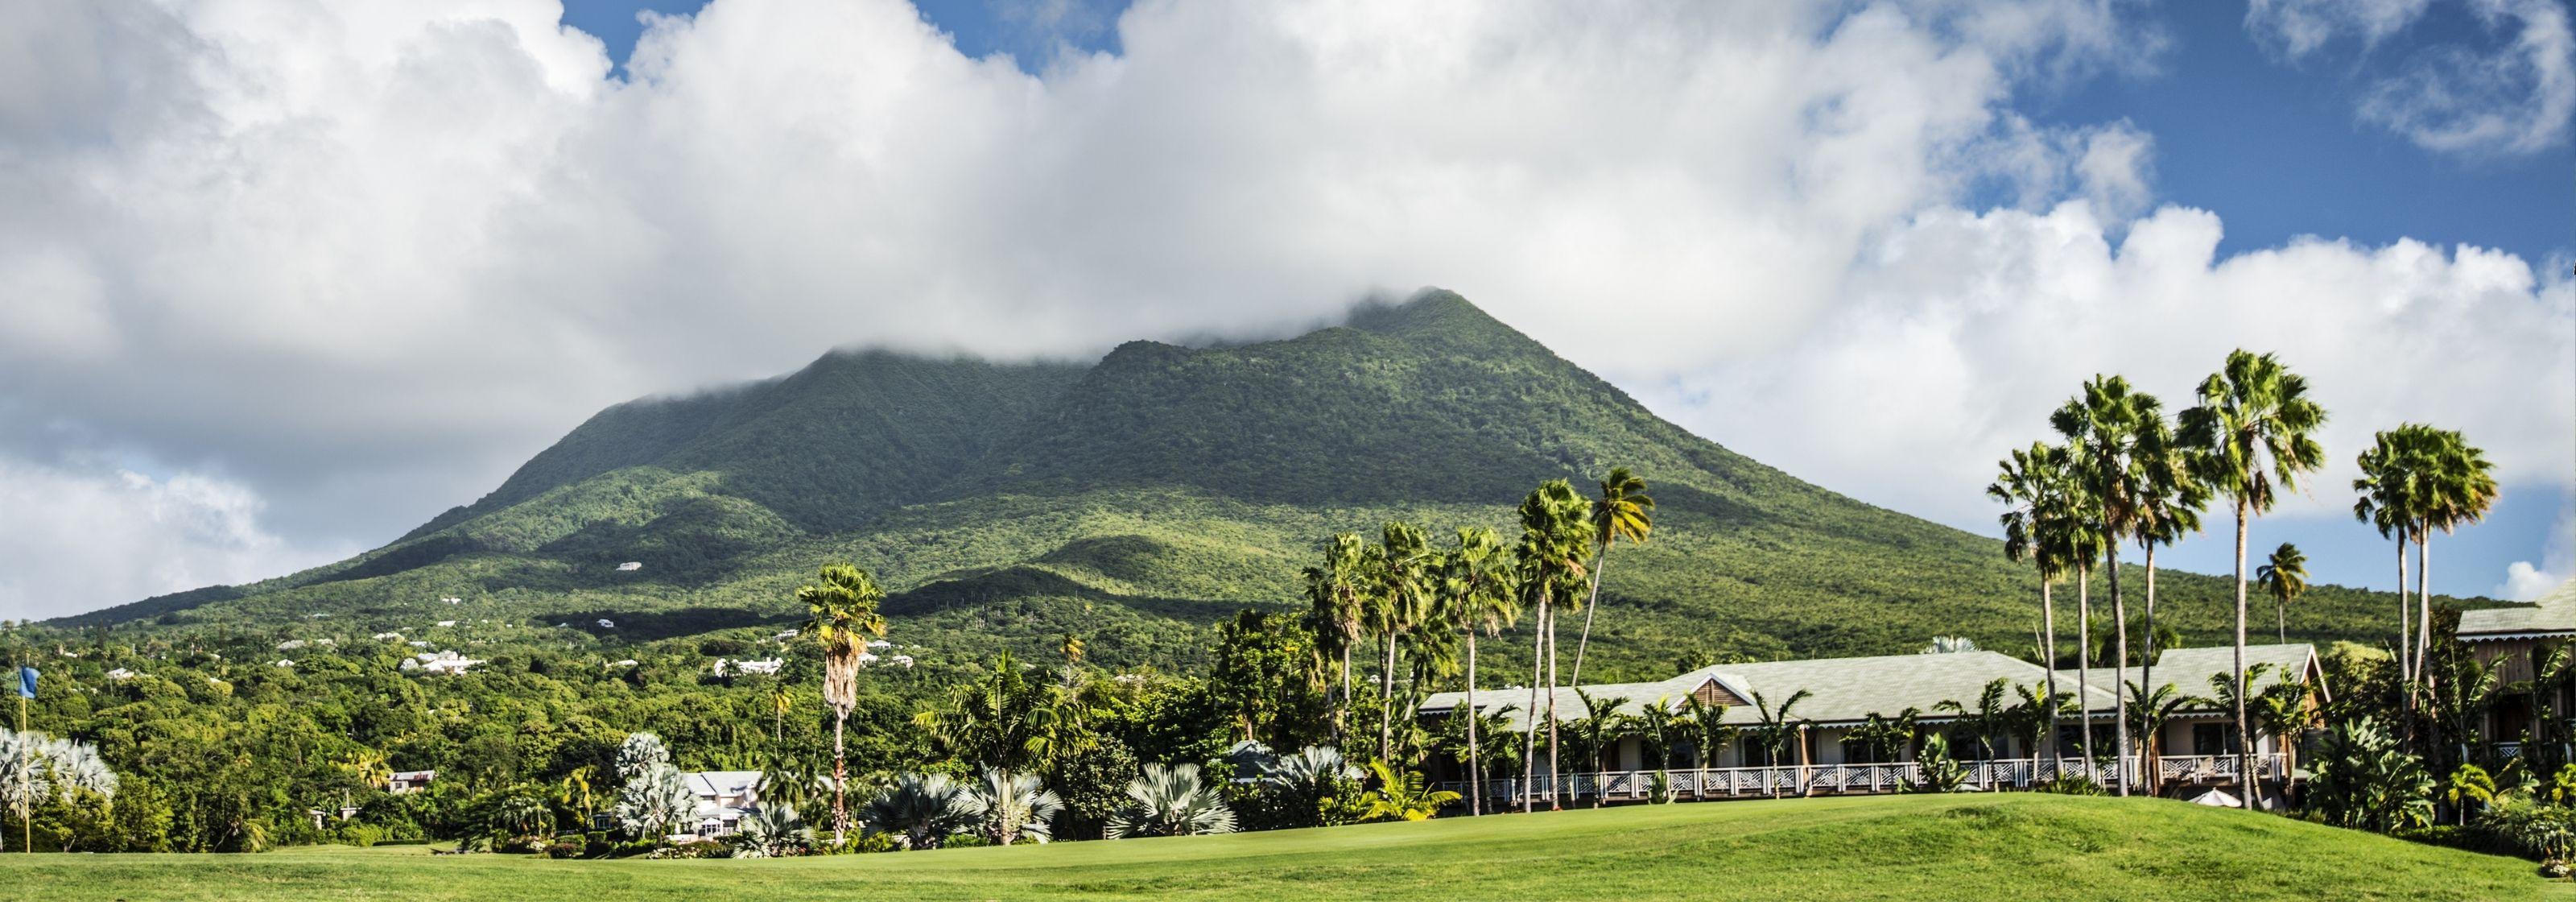 Choses à faire à Saint-Kitts-et-Nevis